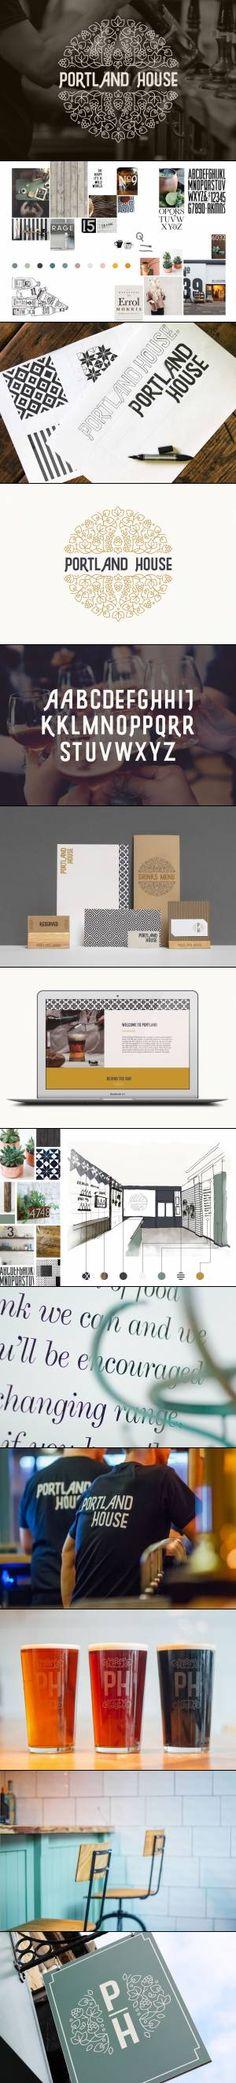 https://brandingbytonik.co.uk/ branding & graphic agency. Bar design. Alcohol branding. Bar concept.